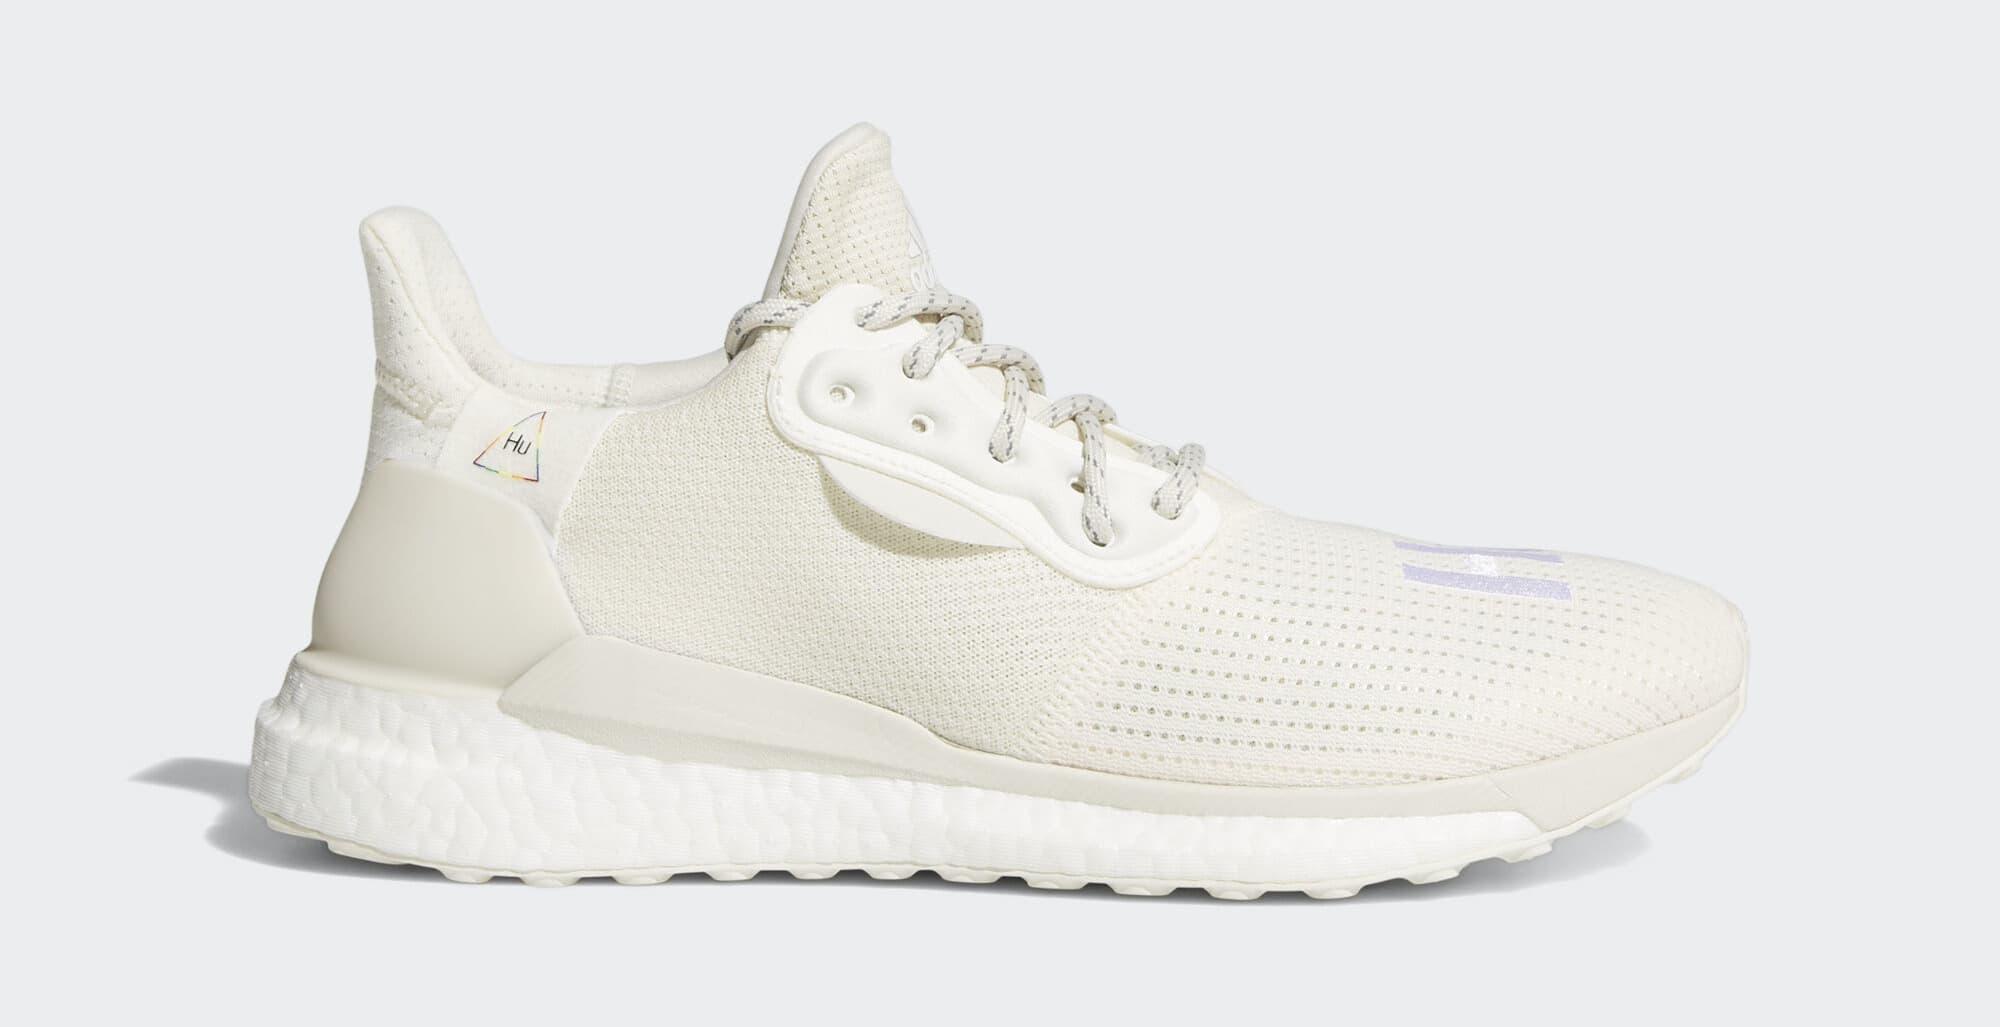 Pharrell x Adidas Solar Hu Glide EG7767 (Lateral)